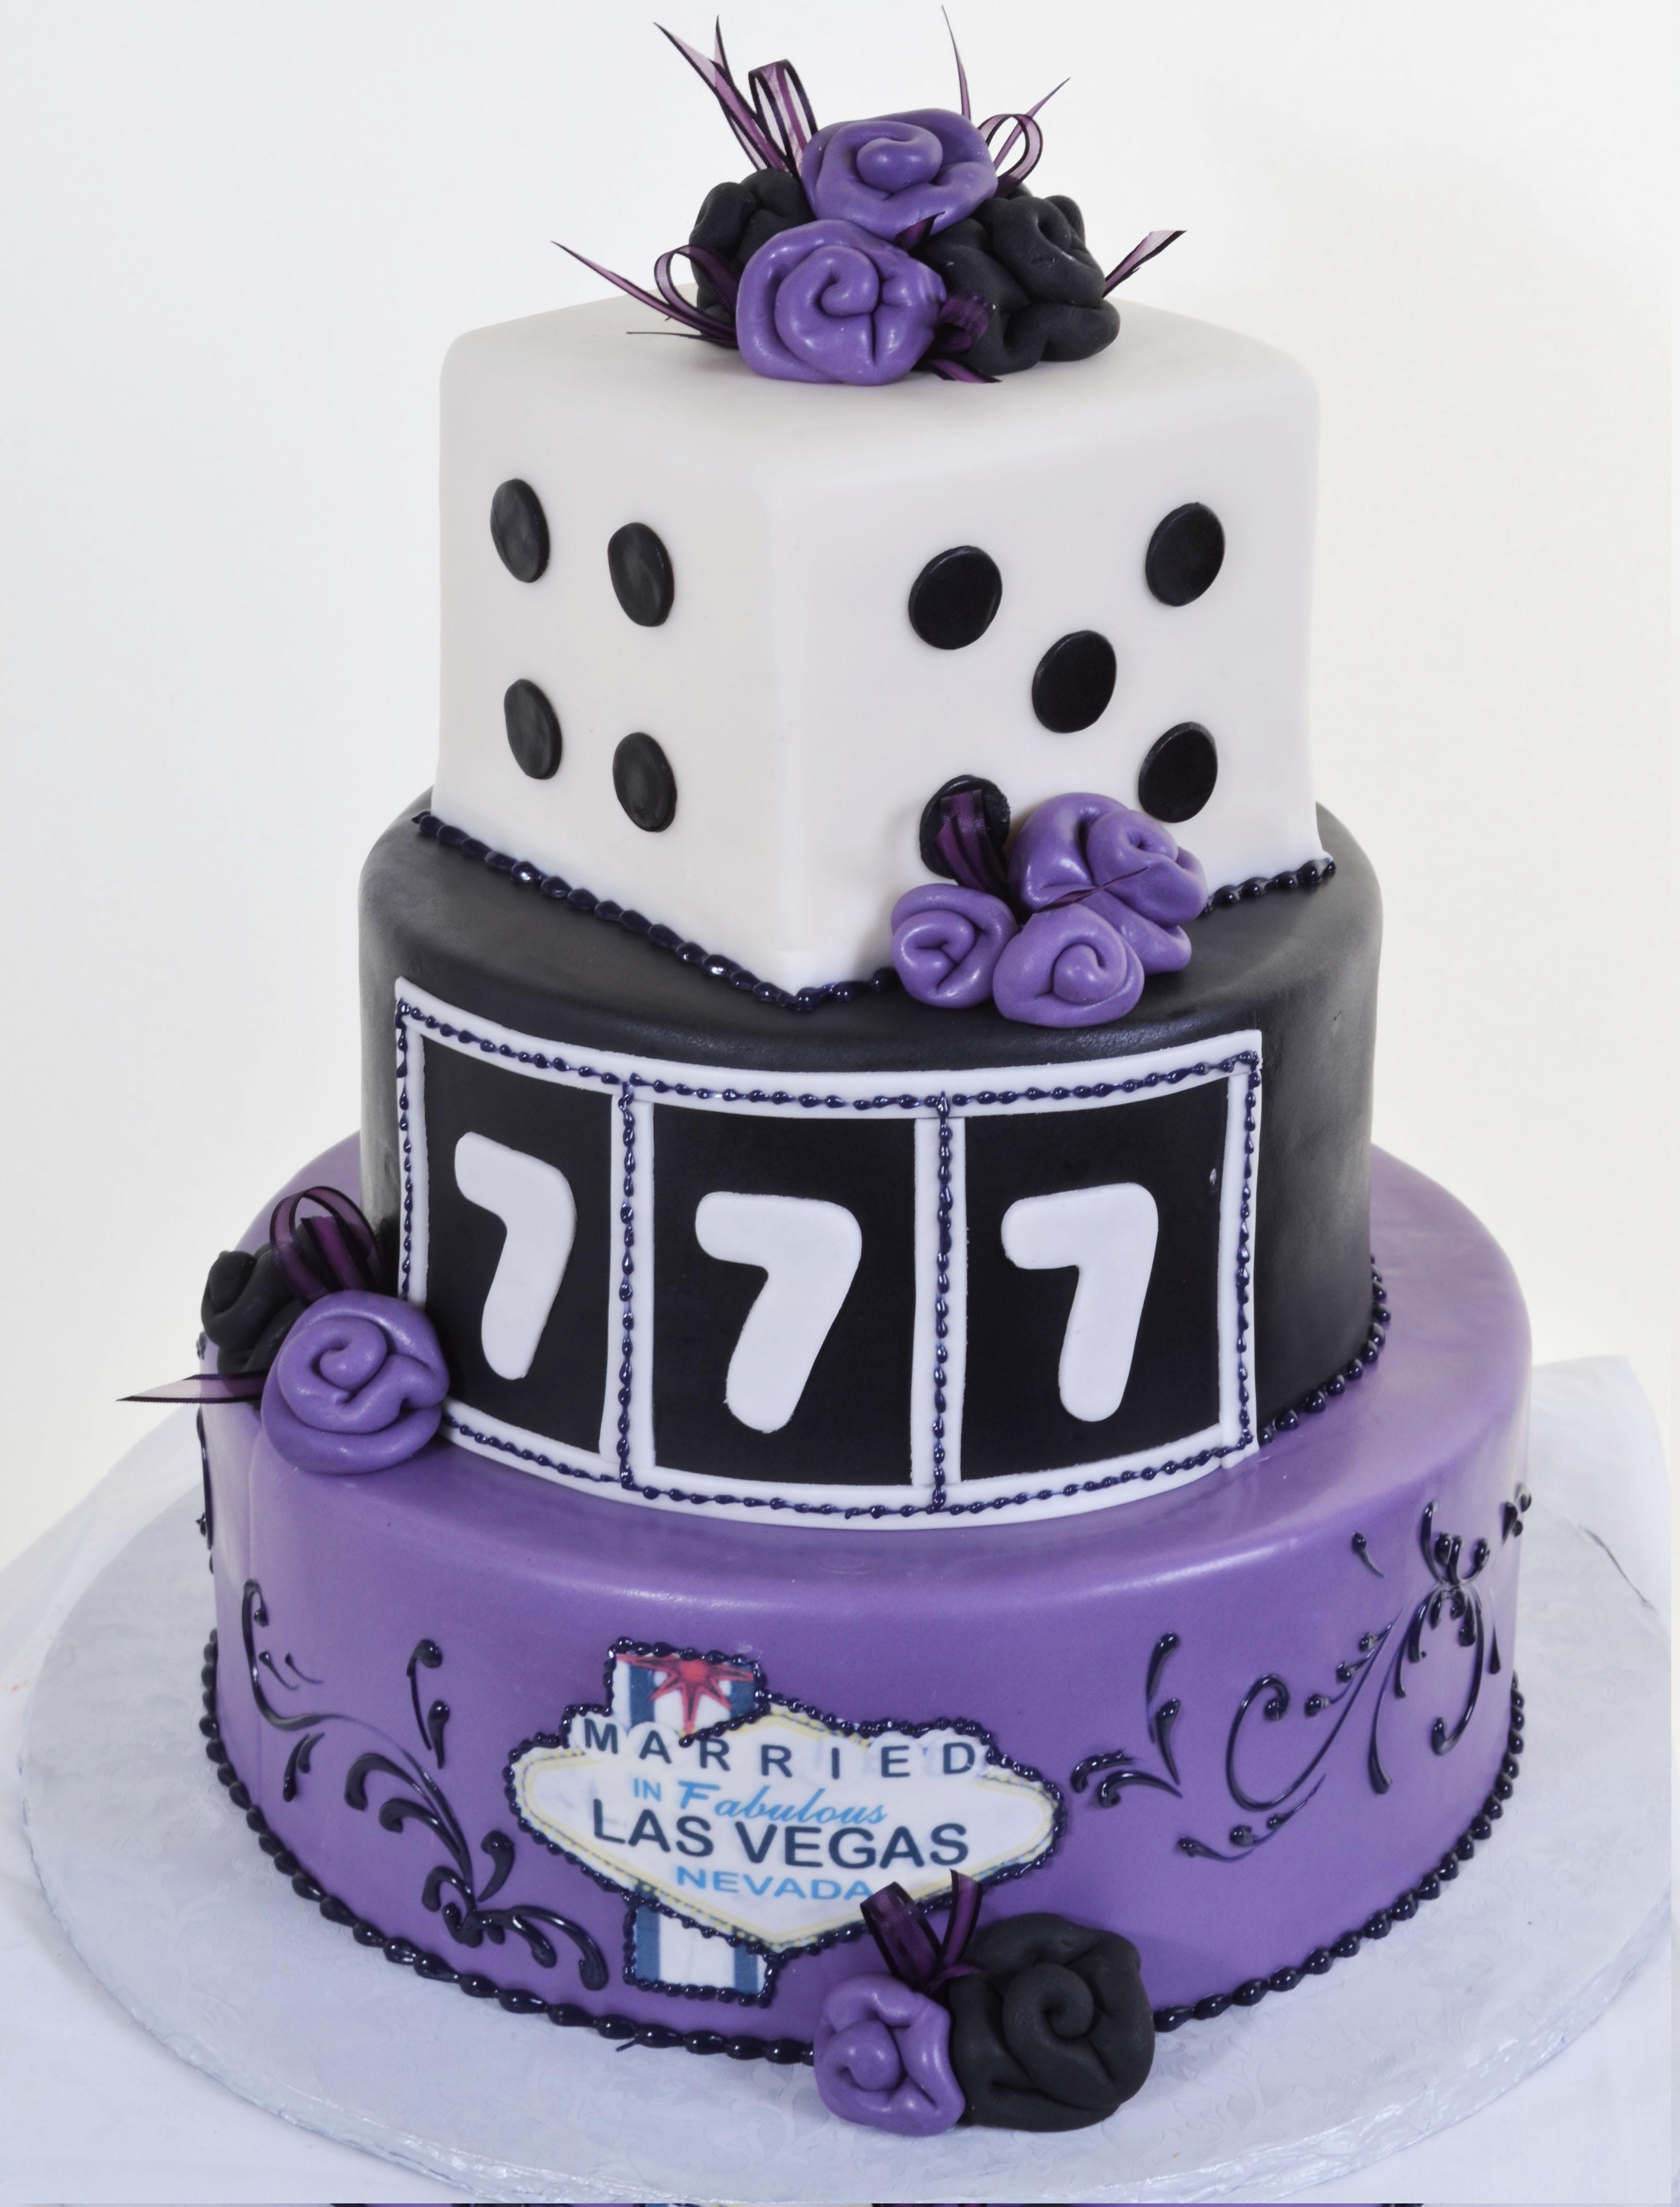 Pastry Palace Las Vegas Wedding Cake 592 - Las Vegas Luck